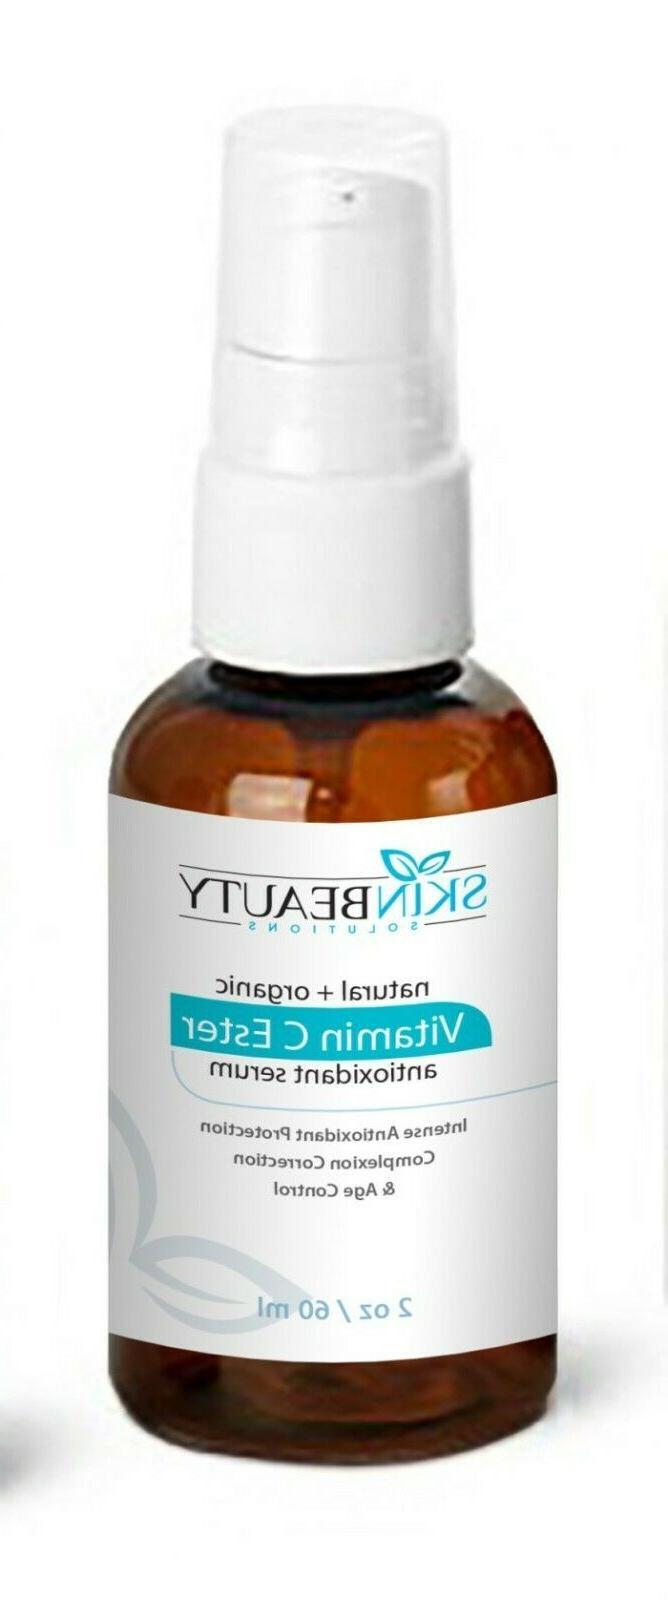 2oz Vitamin C Ester Serum-Skin Lightening Wrinkles Acne Dull